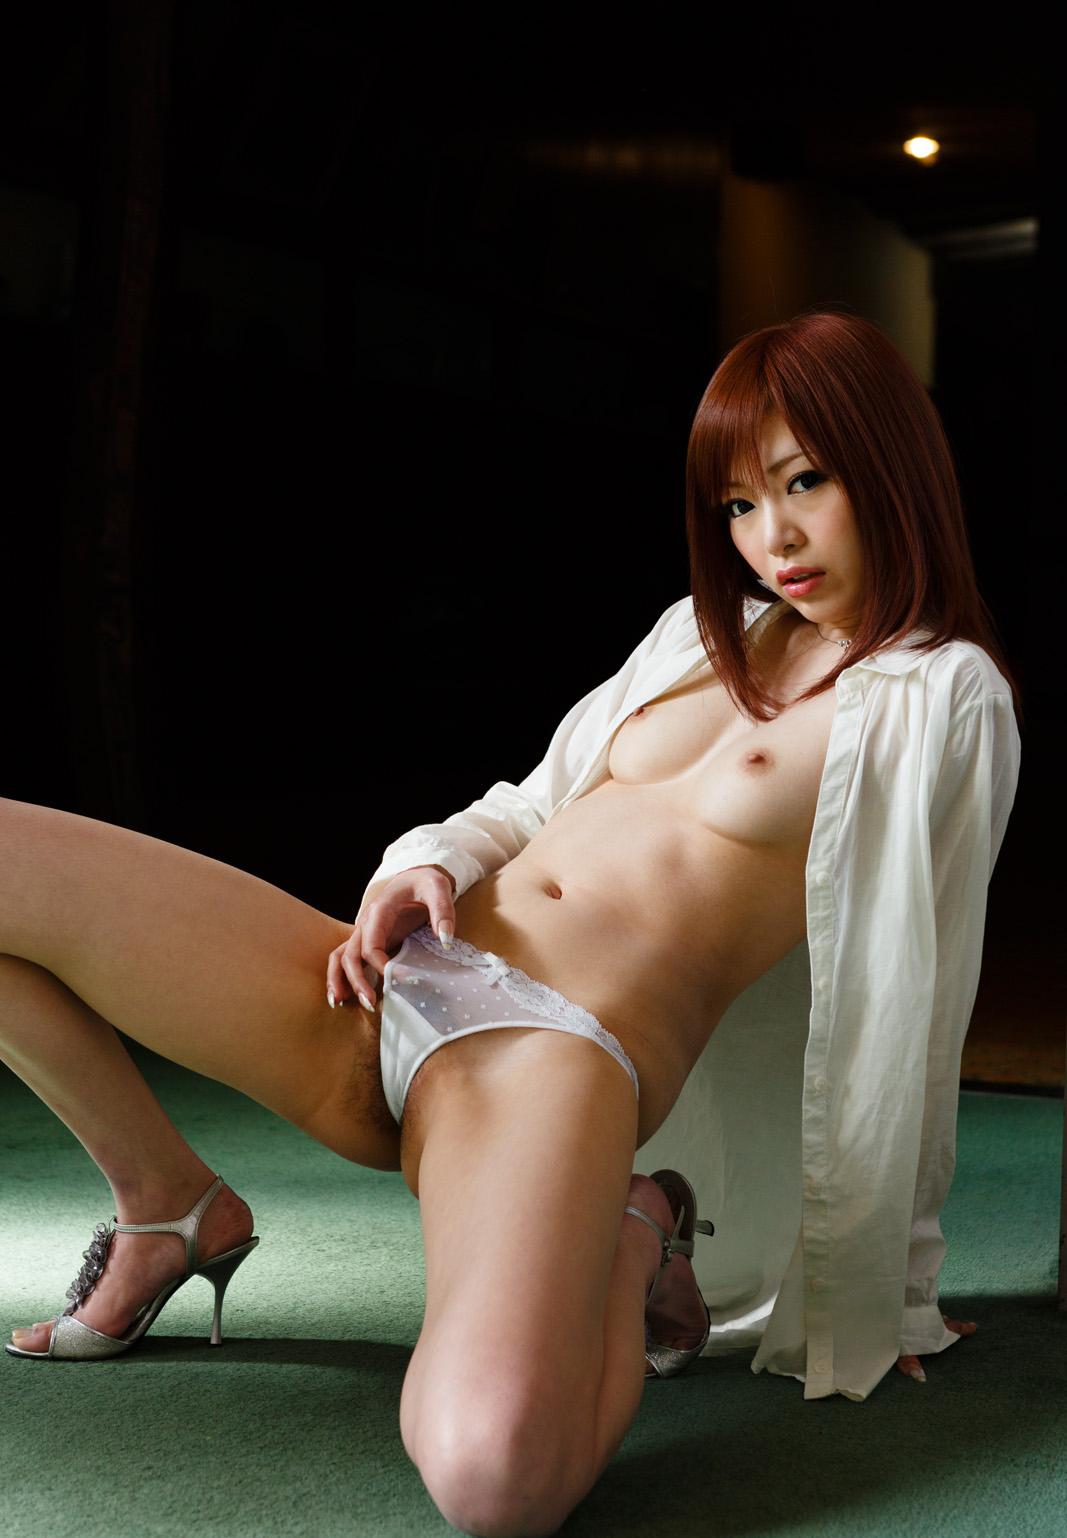 AV女優 MIYABI 画像 47